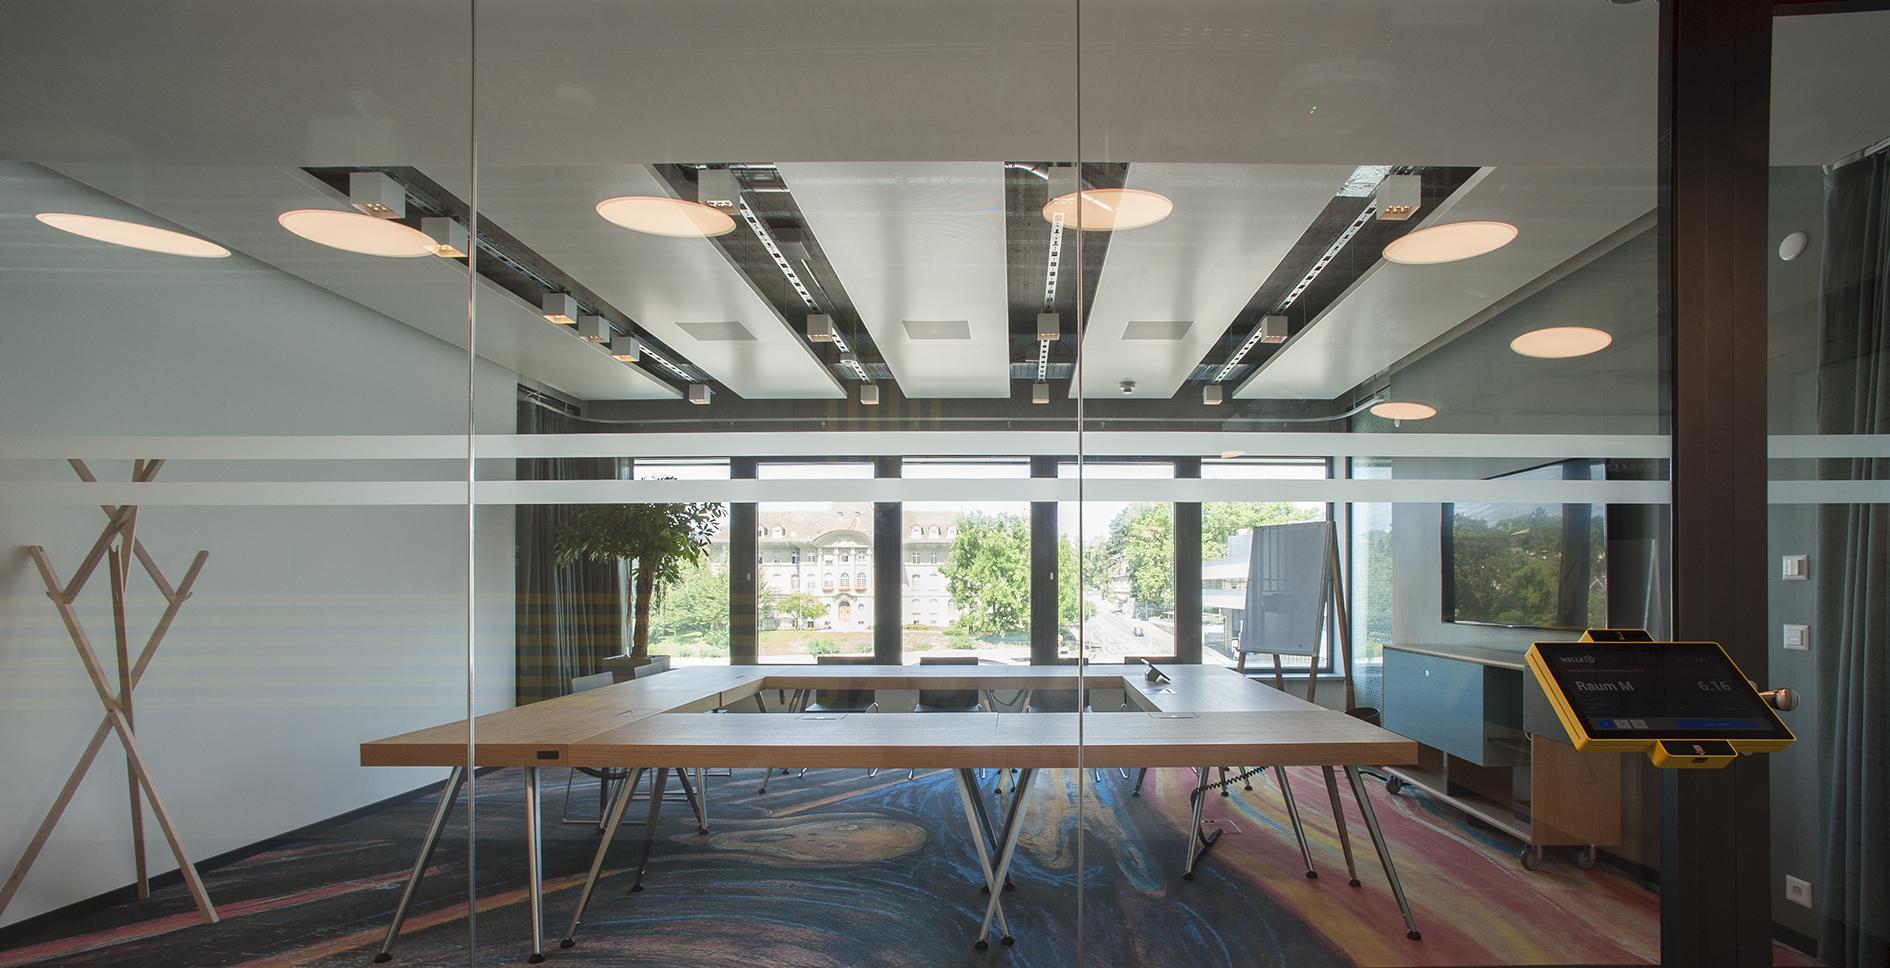 Plafoniere Led Per Ufficio : Illuminazione ufficio normativa led per aree di